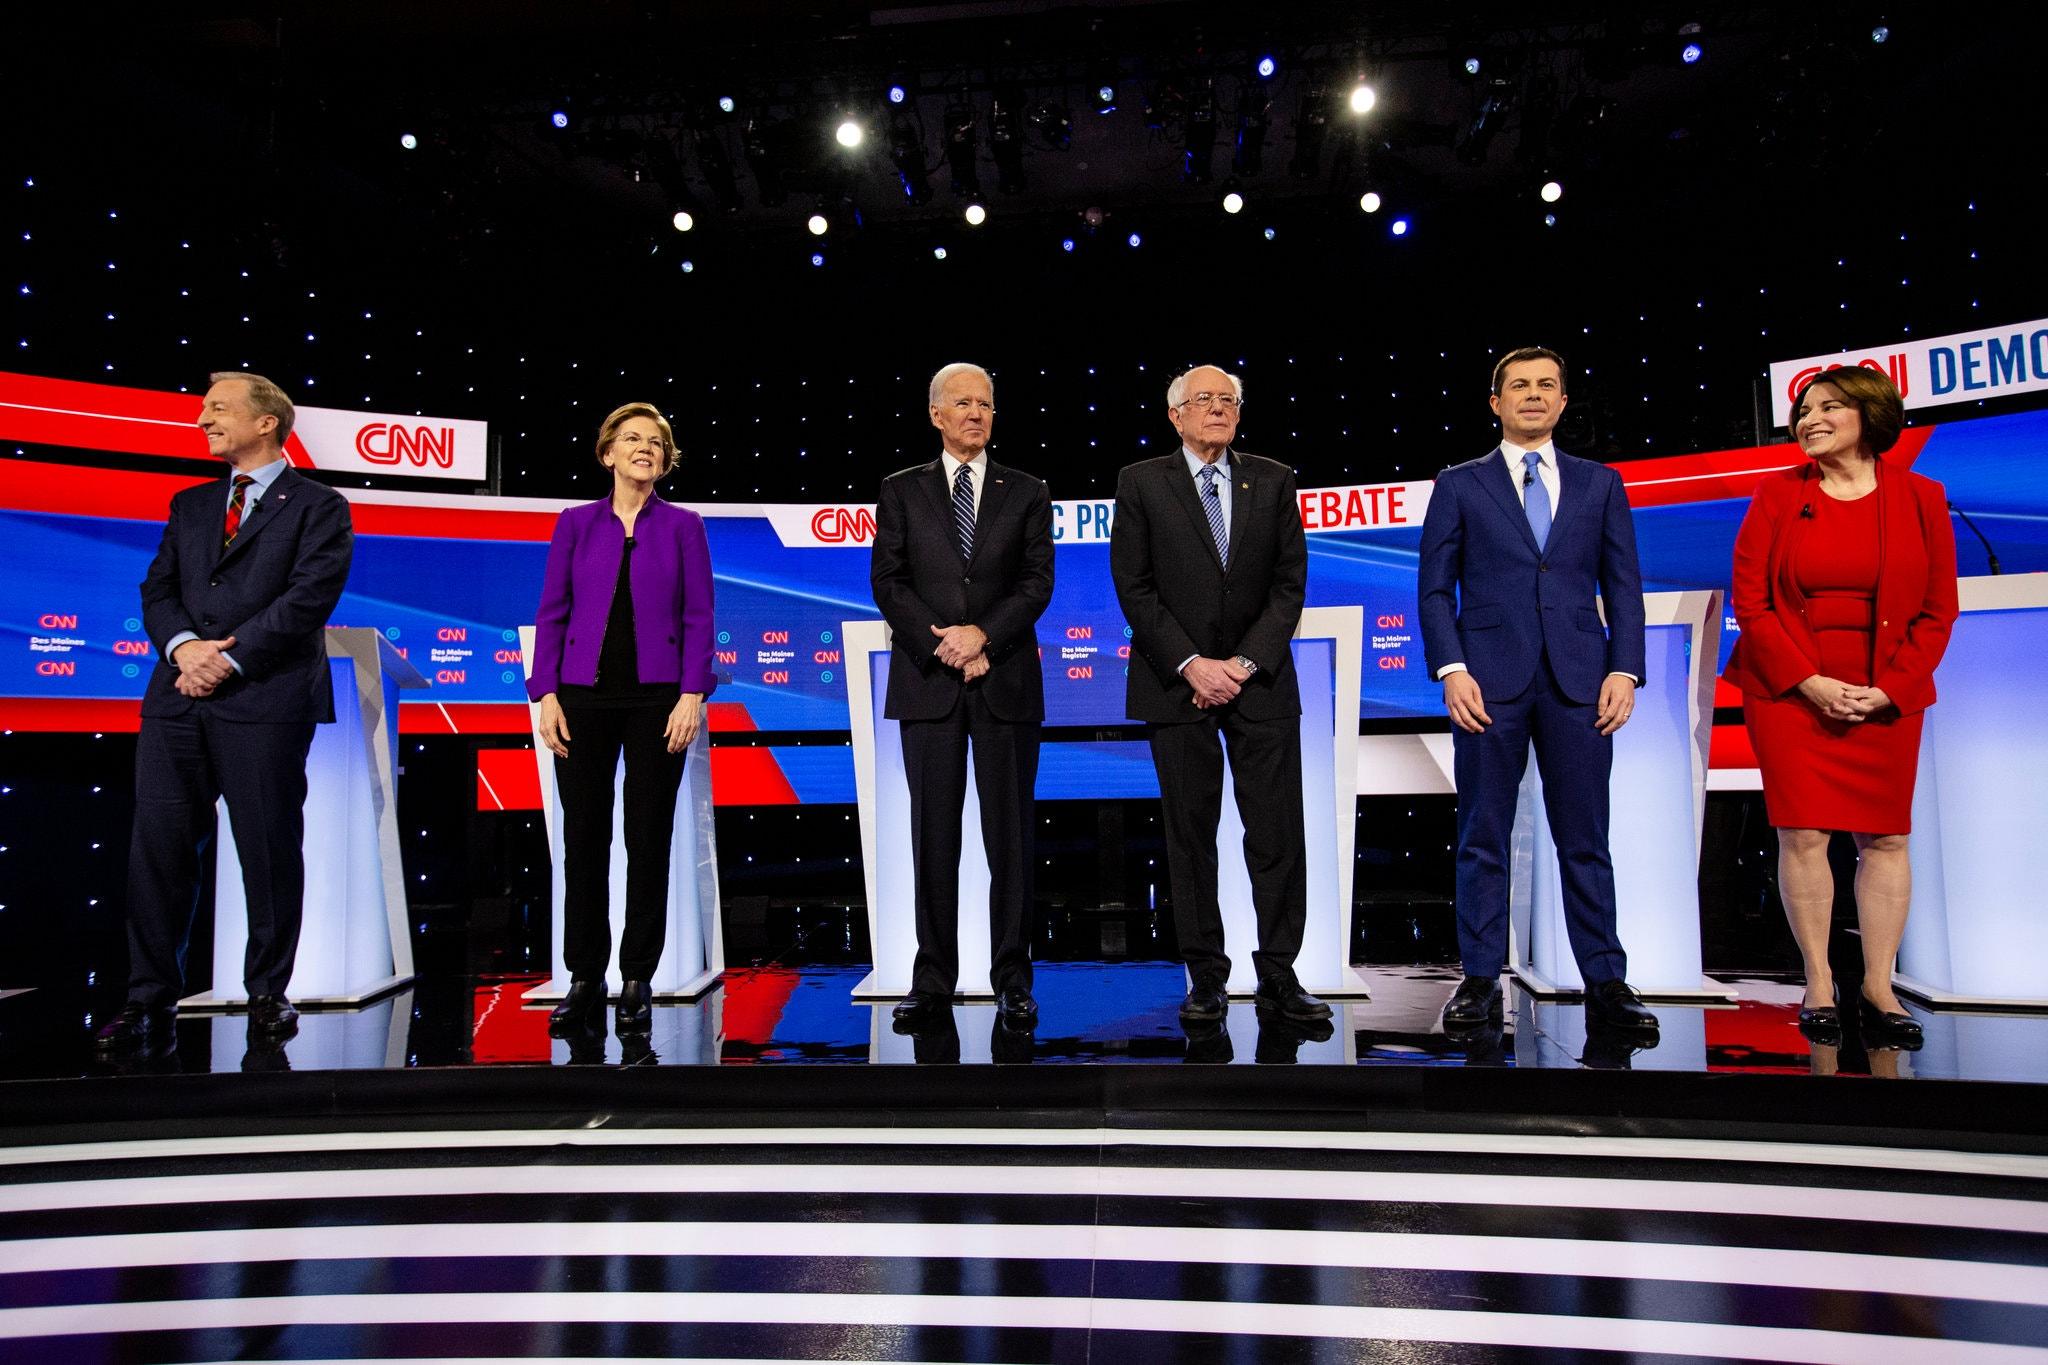 هفتمین مناظره نامزدهای دموکرات